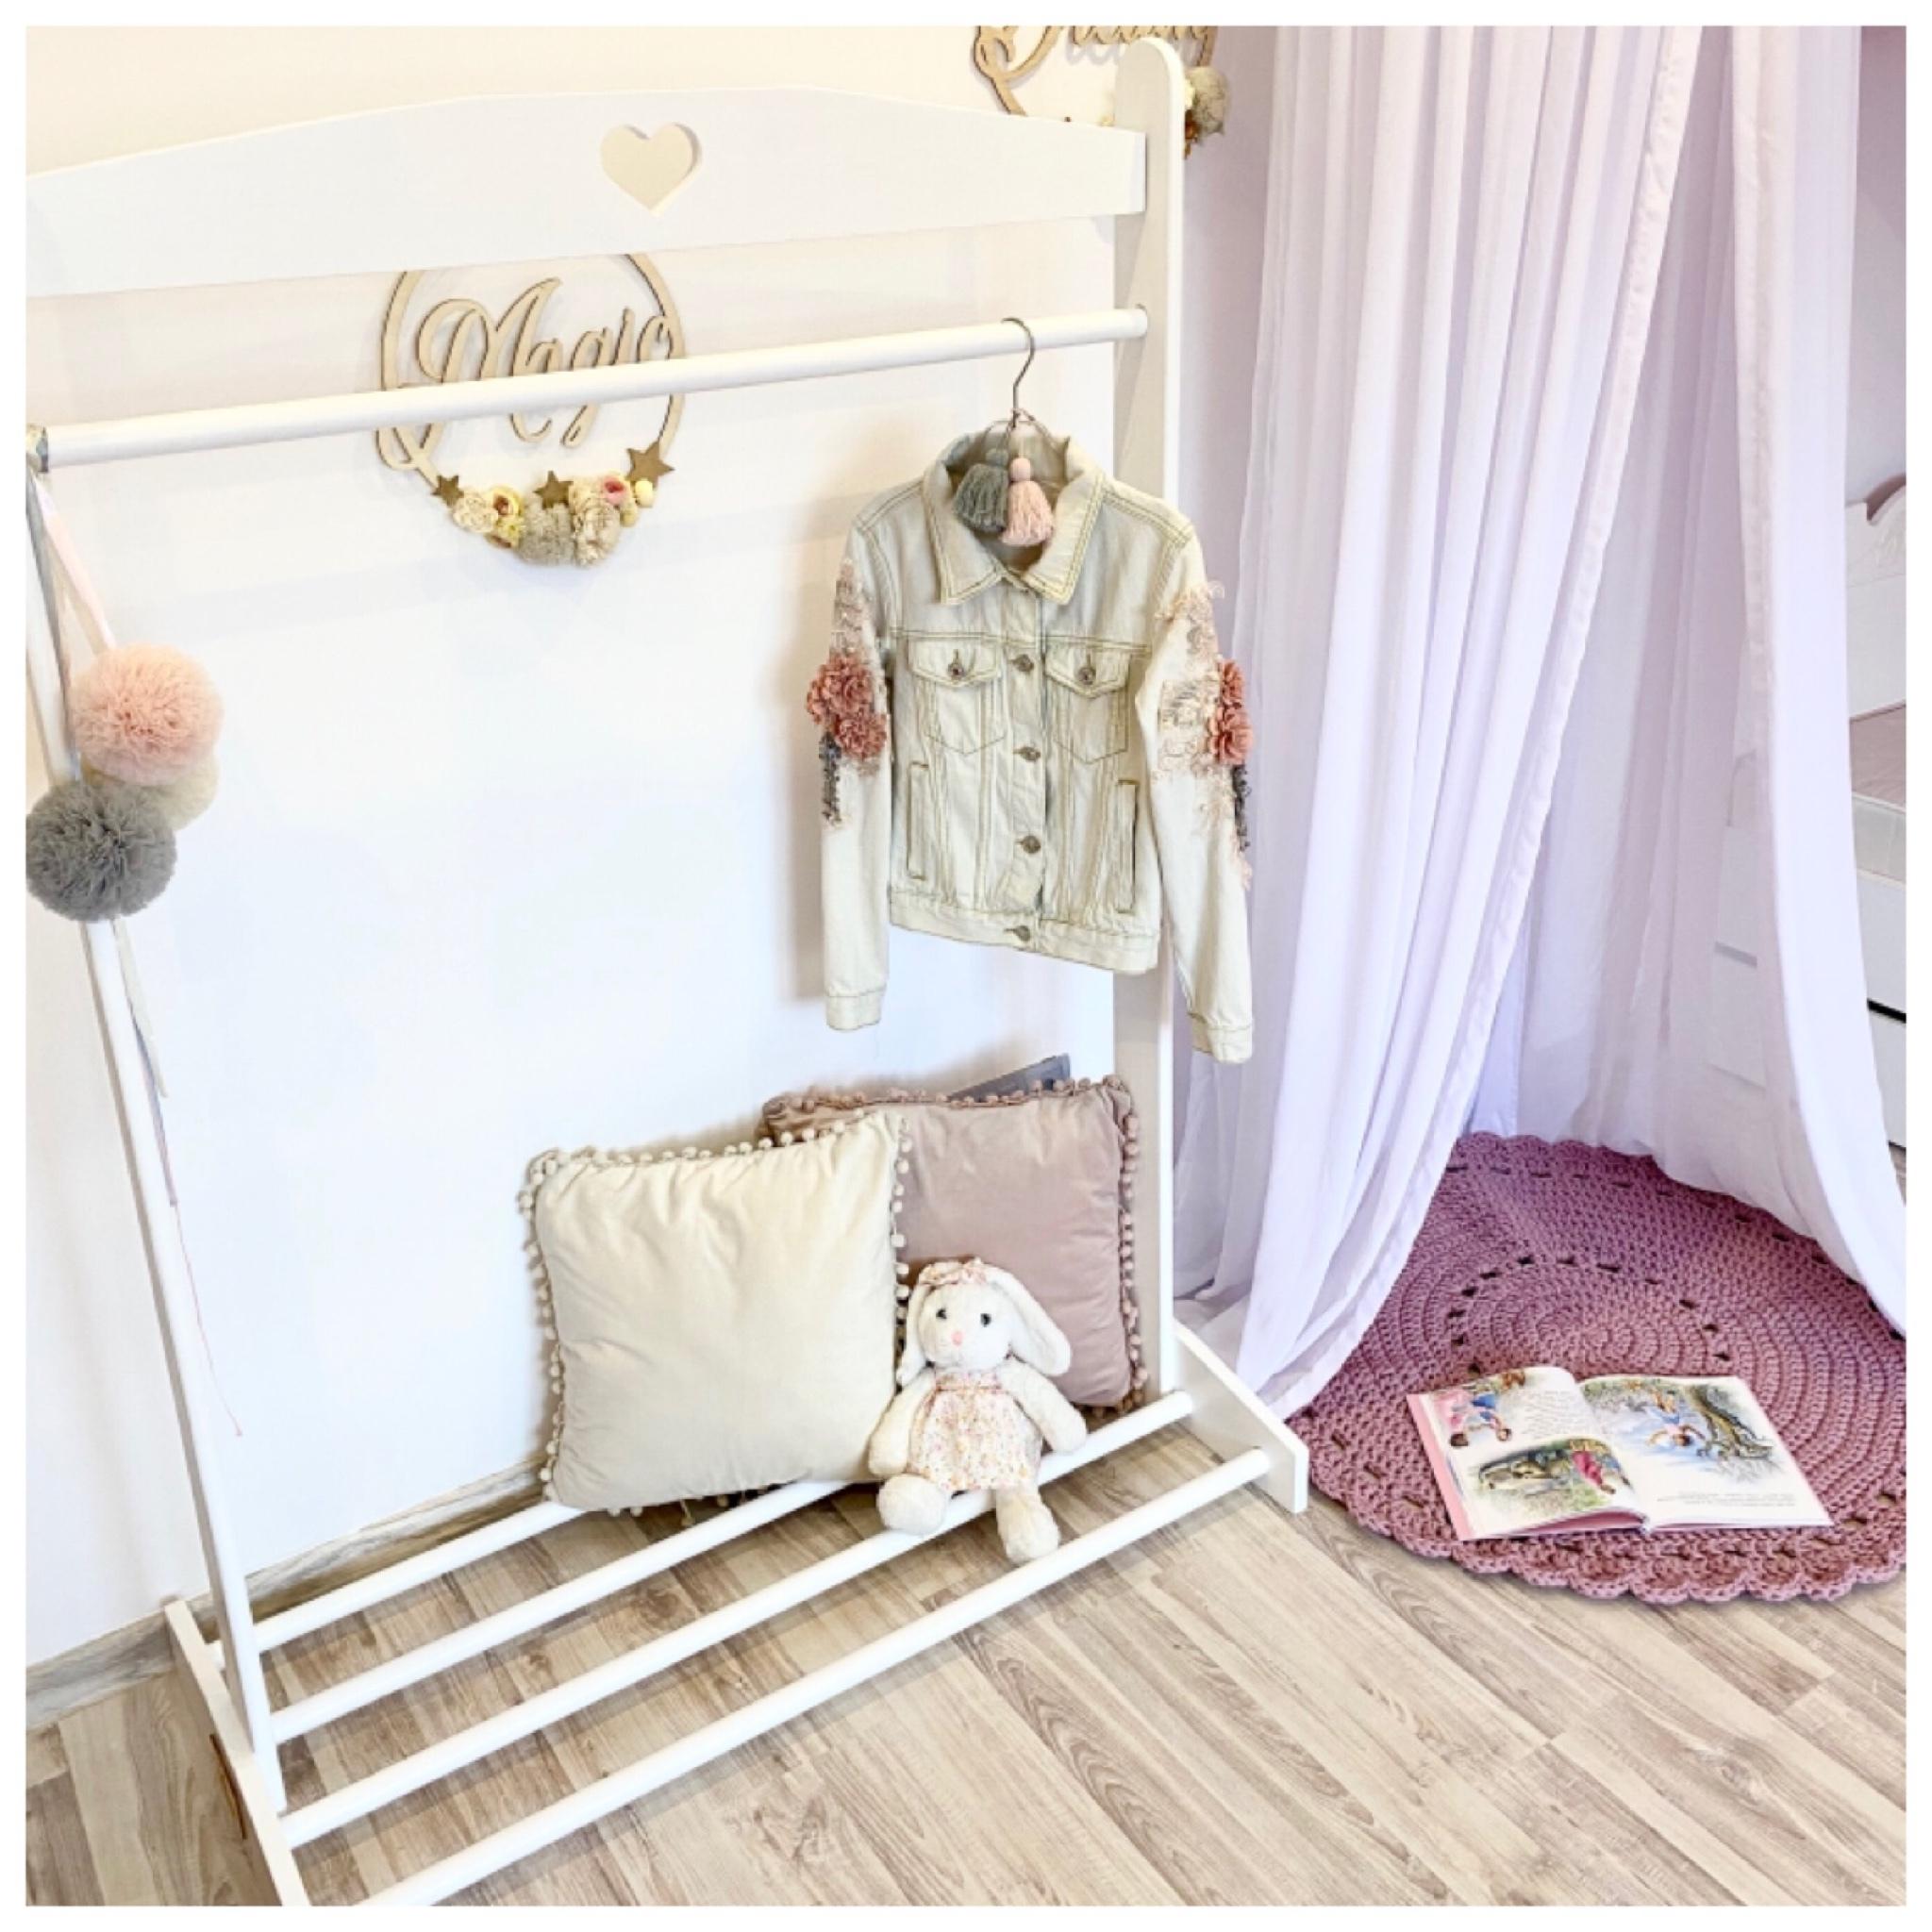 Wieszak stojak garderoba z drewna dla dzieci